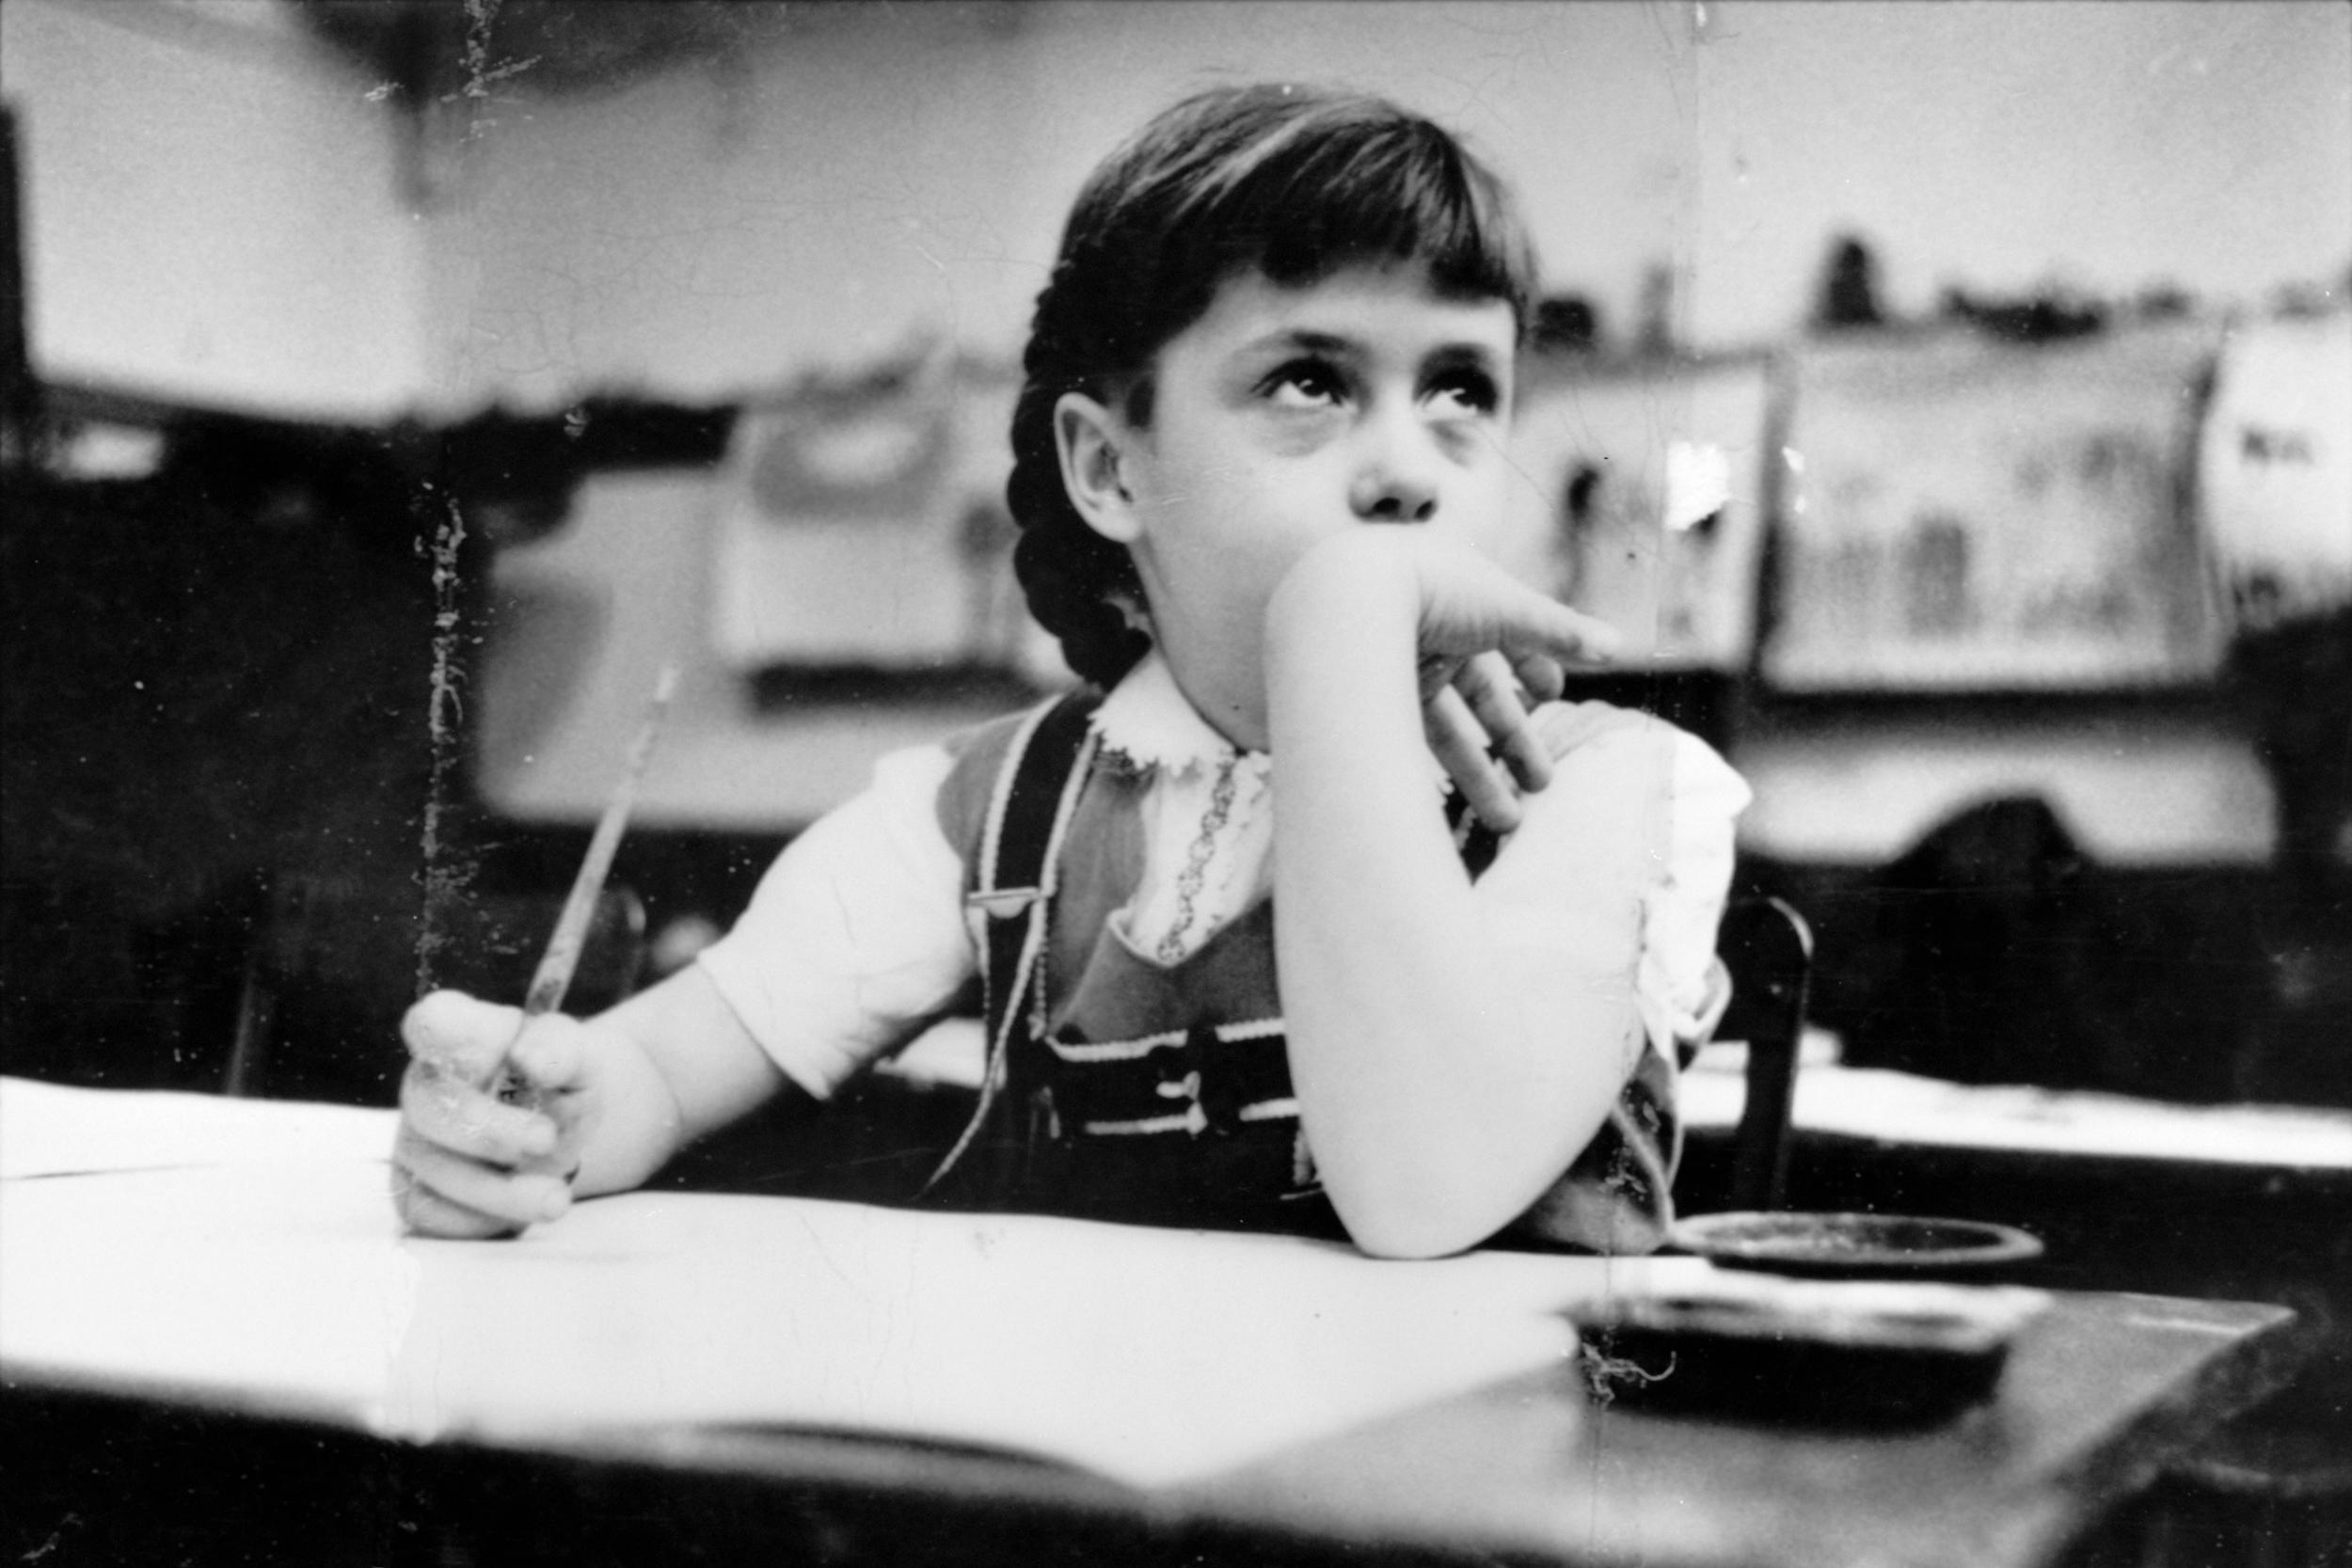 Stanley_Kubrick_-_girl_in_classroom_cph.3d02345-1.jpg